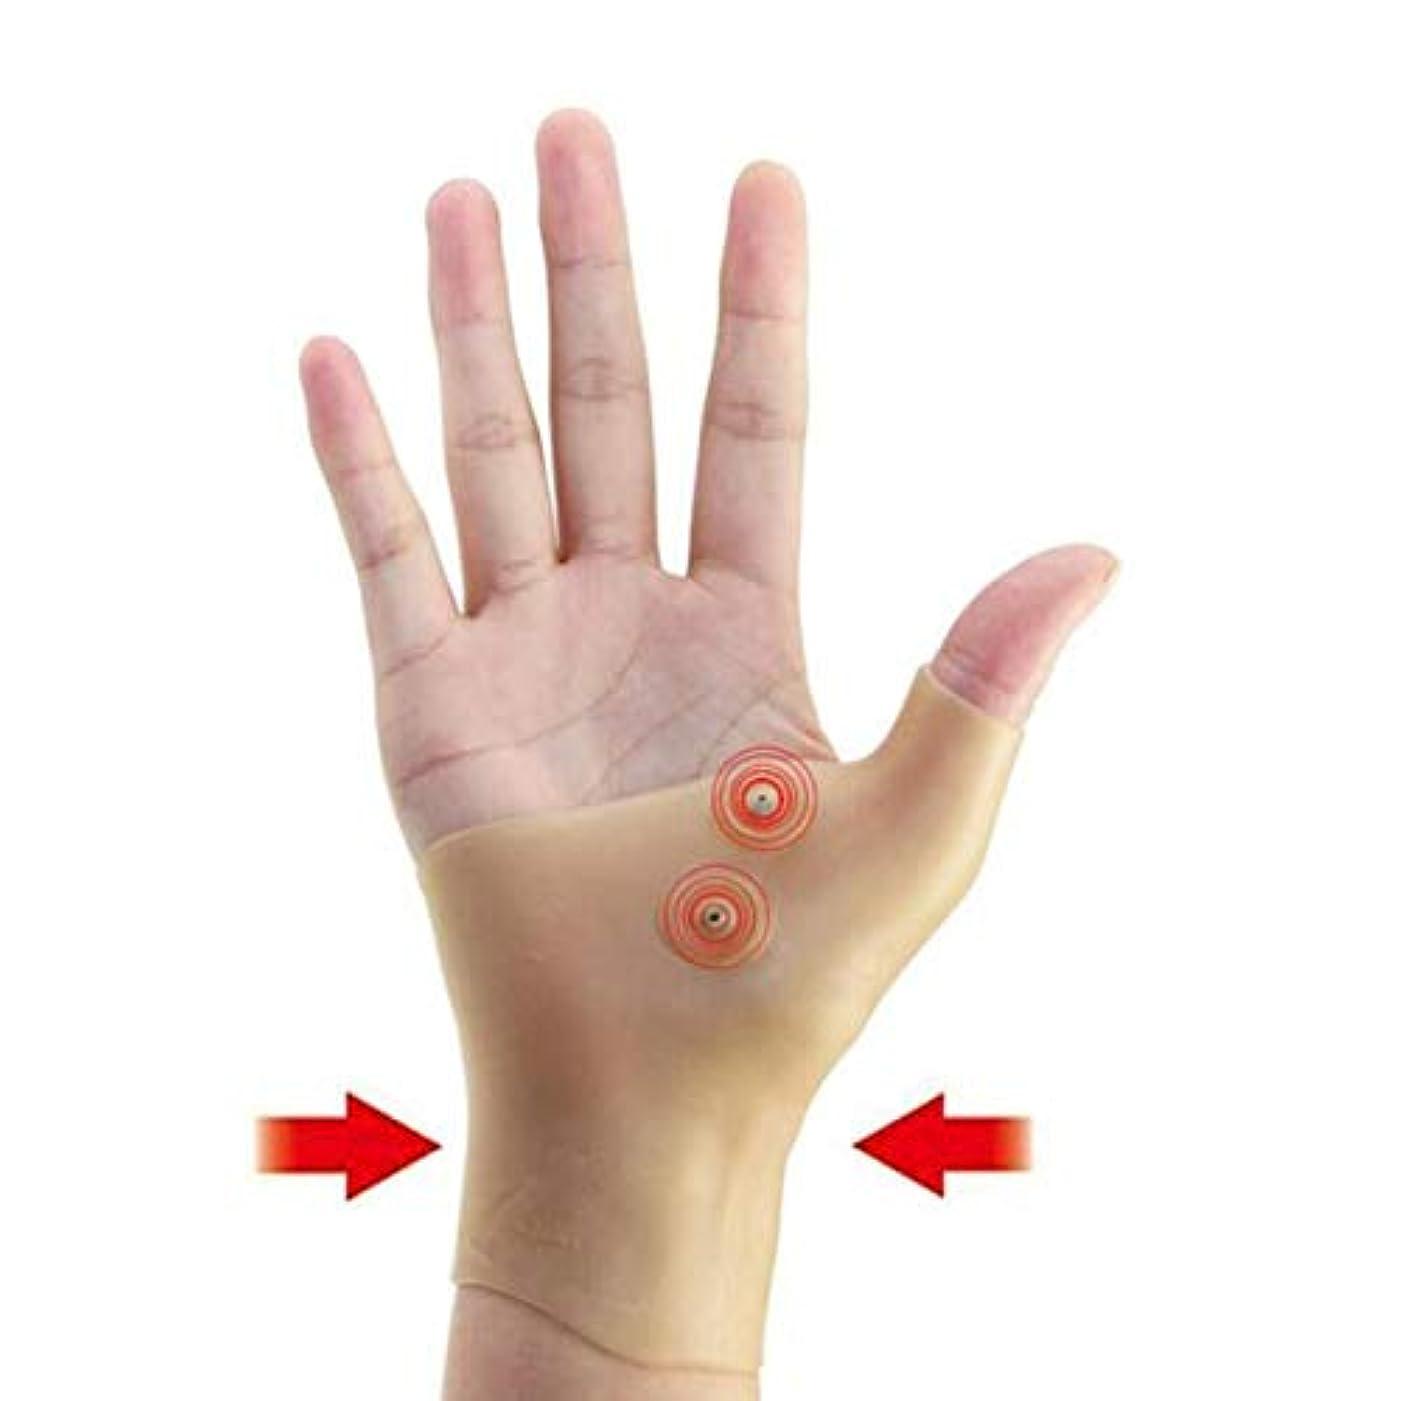 司書フォーカス憂鬱友美 磁気療法の手首の親指サポート手袋のシリコーンのゲルのマッサージの苦痛救助